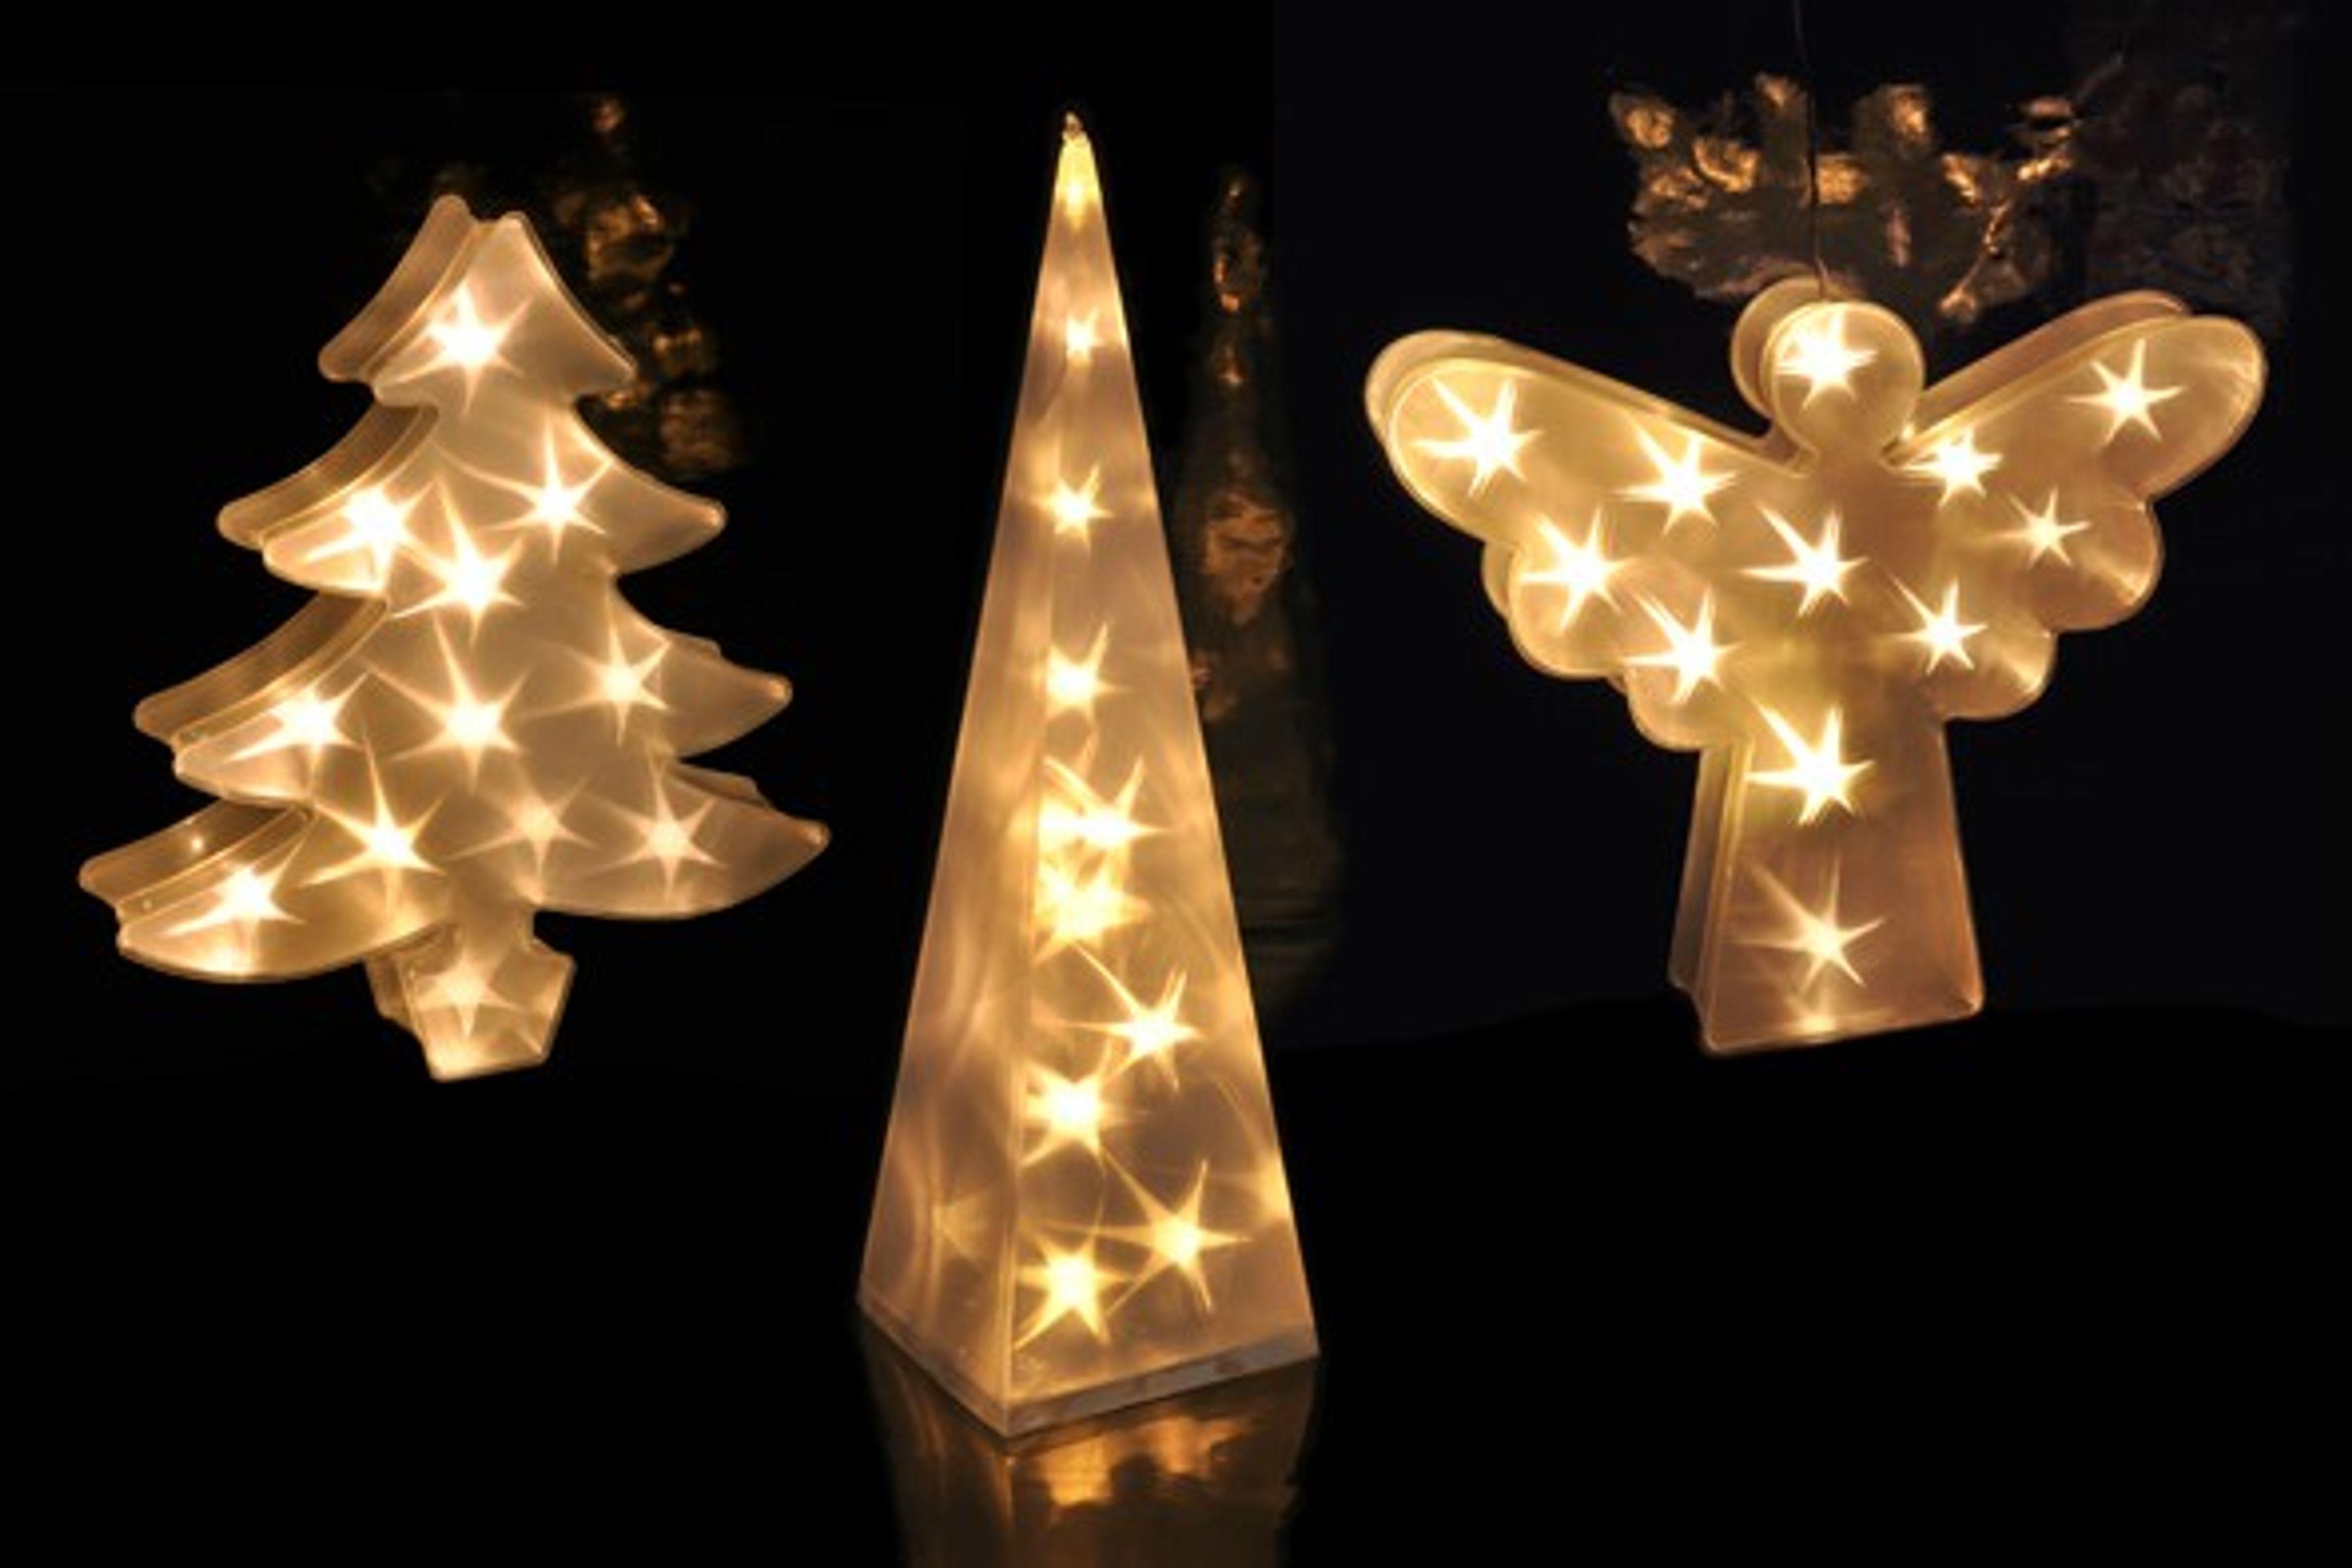 3d Weihnachtsbeleuchtung.Details Zu Led Weihnachtsbeleuchtung 3d Optik Lichtdeko Weihnachten Deko Engel Pyramide